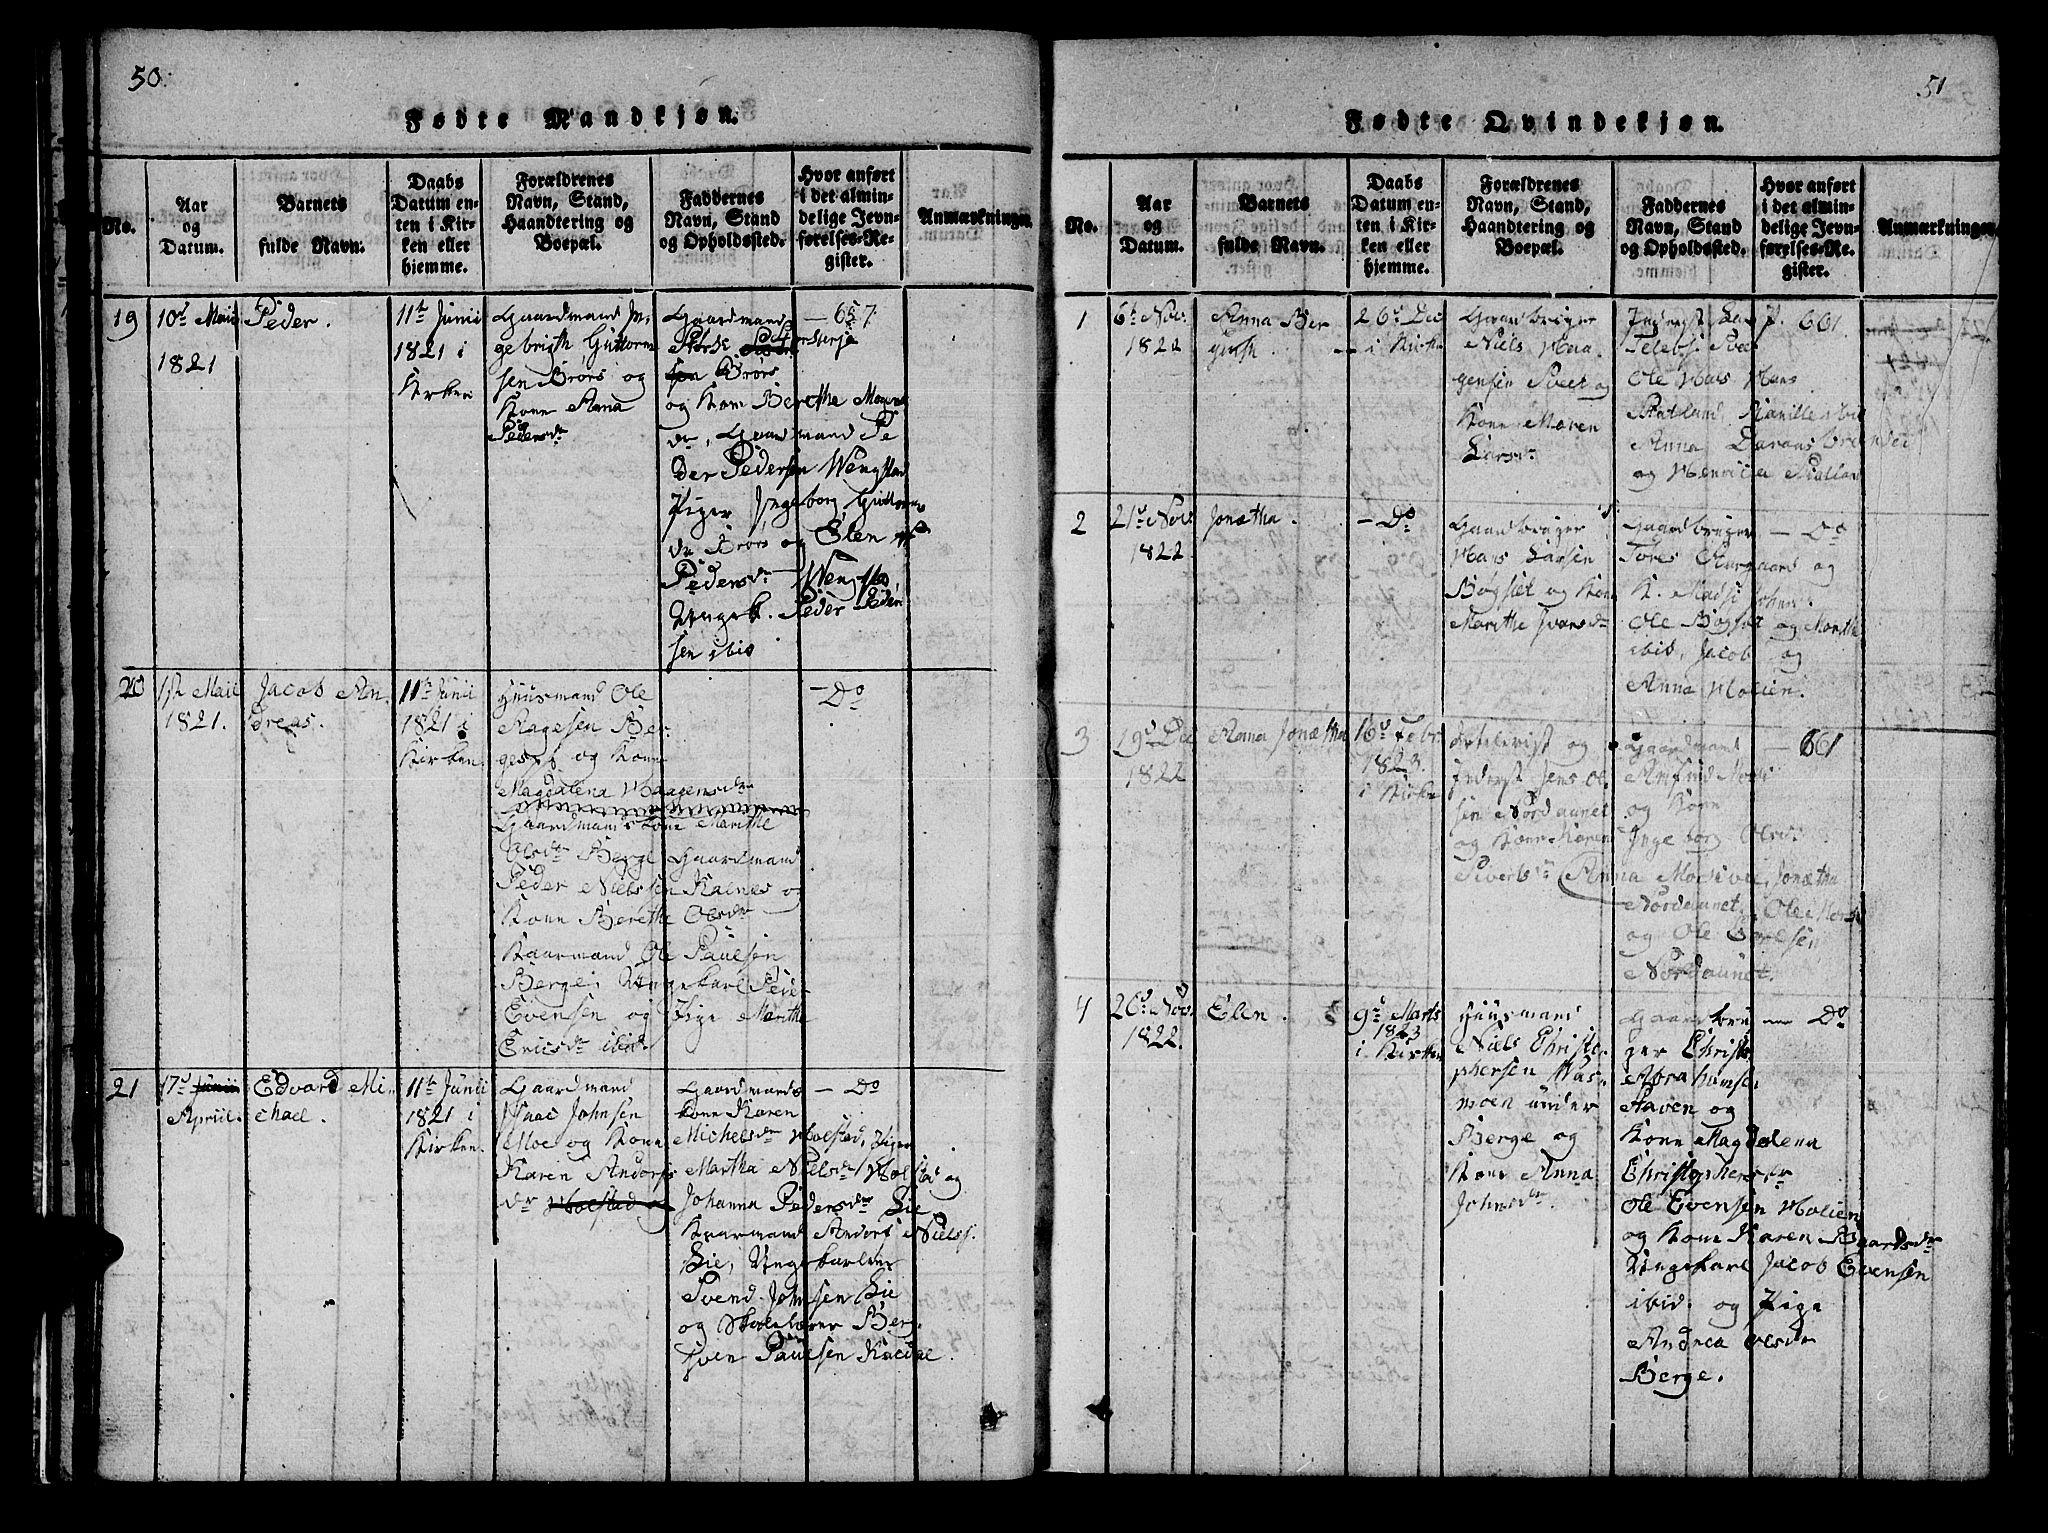 SAT, Ministerialprotokoller, klokkerbøker og fødselsregistre - Nord-Trøndelag, 742/L0411: Klokkerbok nr. 742C02, 1817-1825, s. 50-51